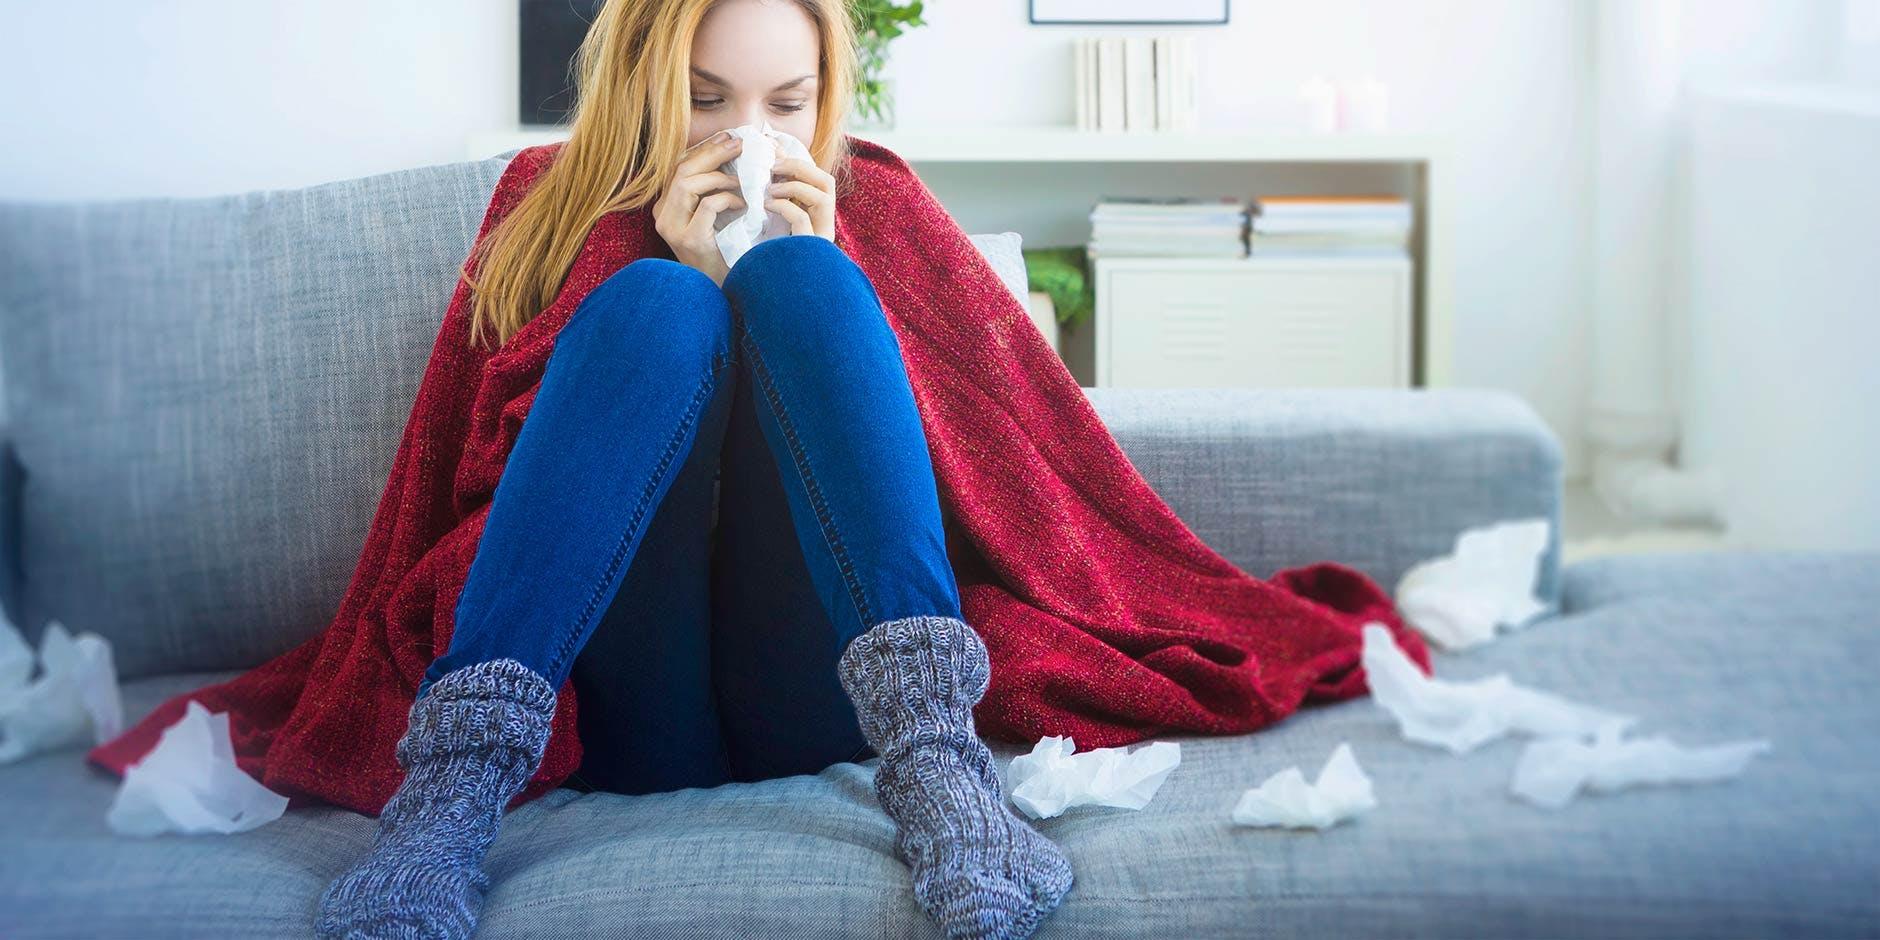 Flunssainen nainen sohvalla - Avaa tukkoinen nenä